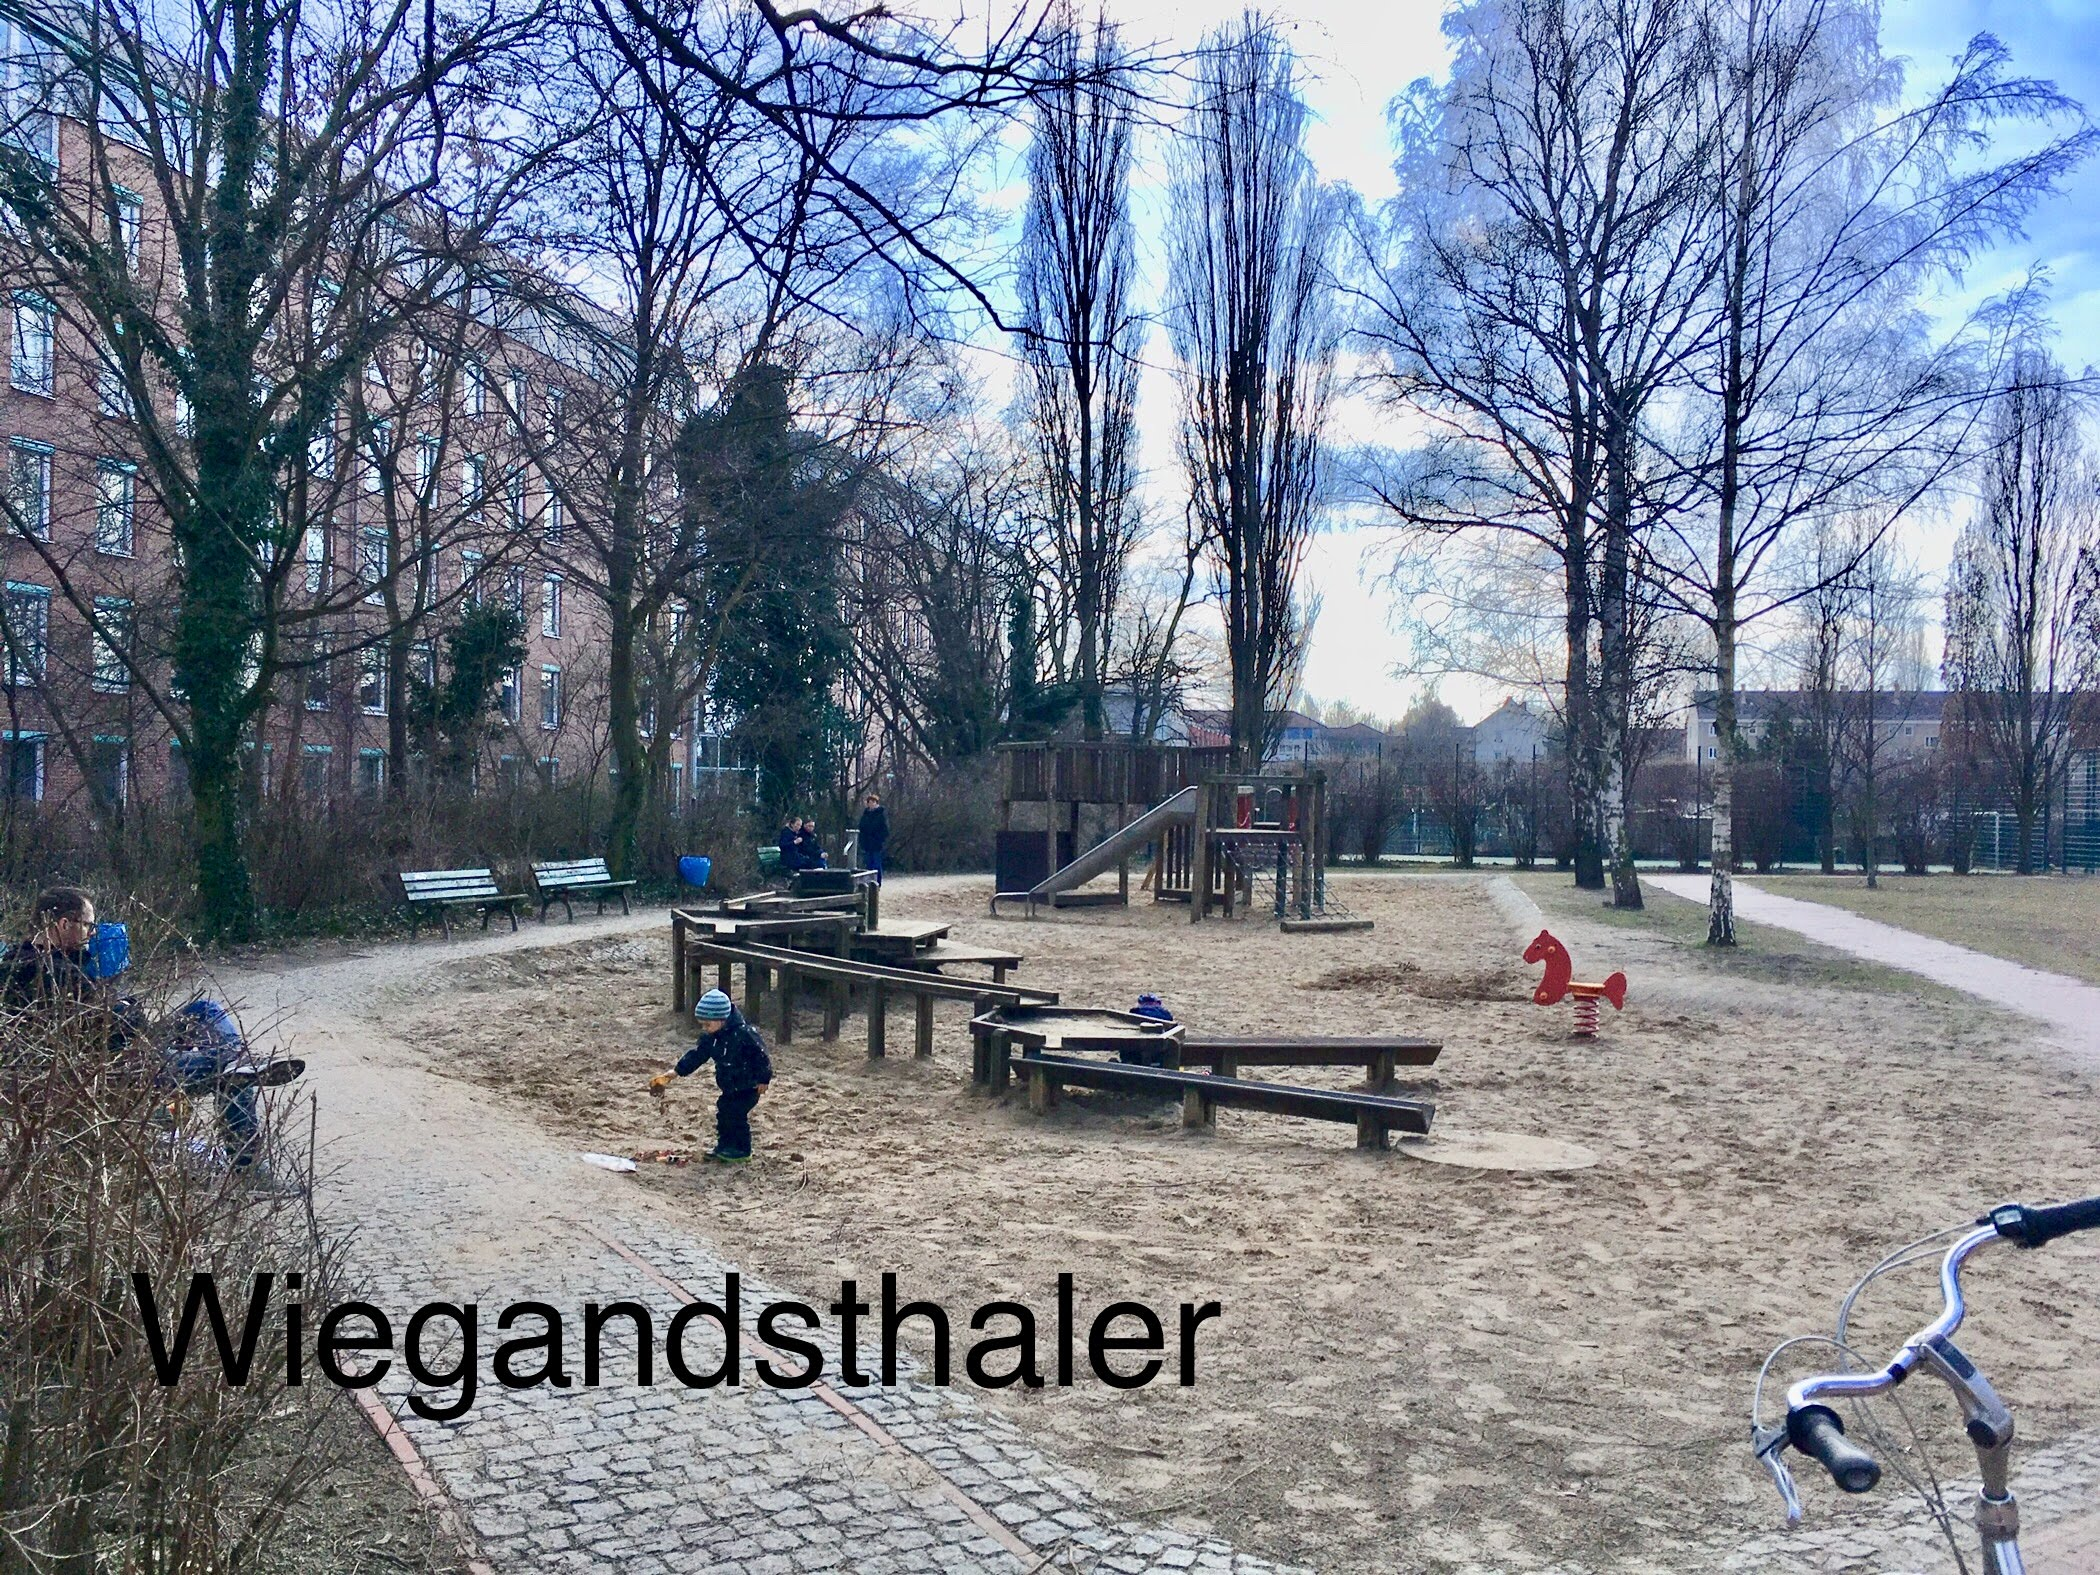 Der letzte öffentliche Kinderspielplatz im Wohngebiet,  Wigandstaler Straße,  bereits teildemontiert,  Foto: 02.04.2018,  Scholz